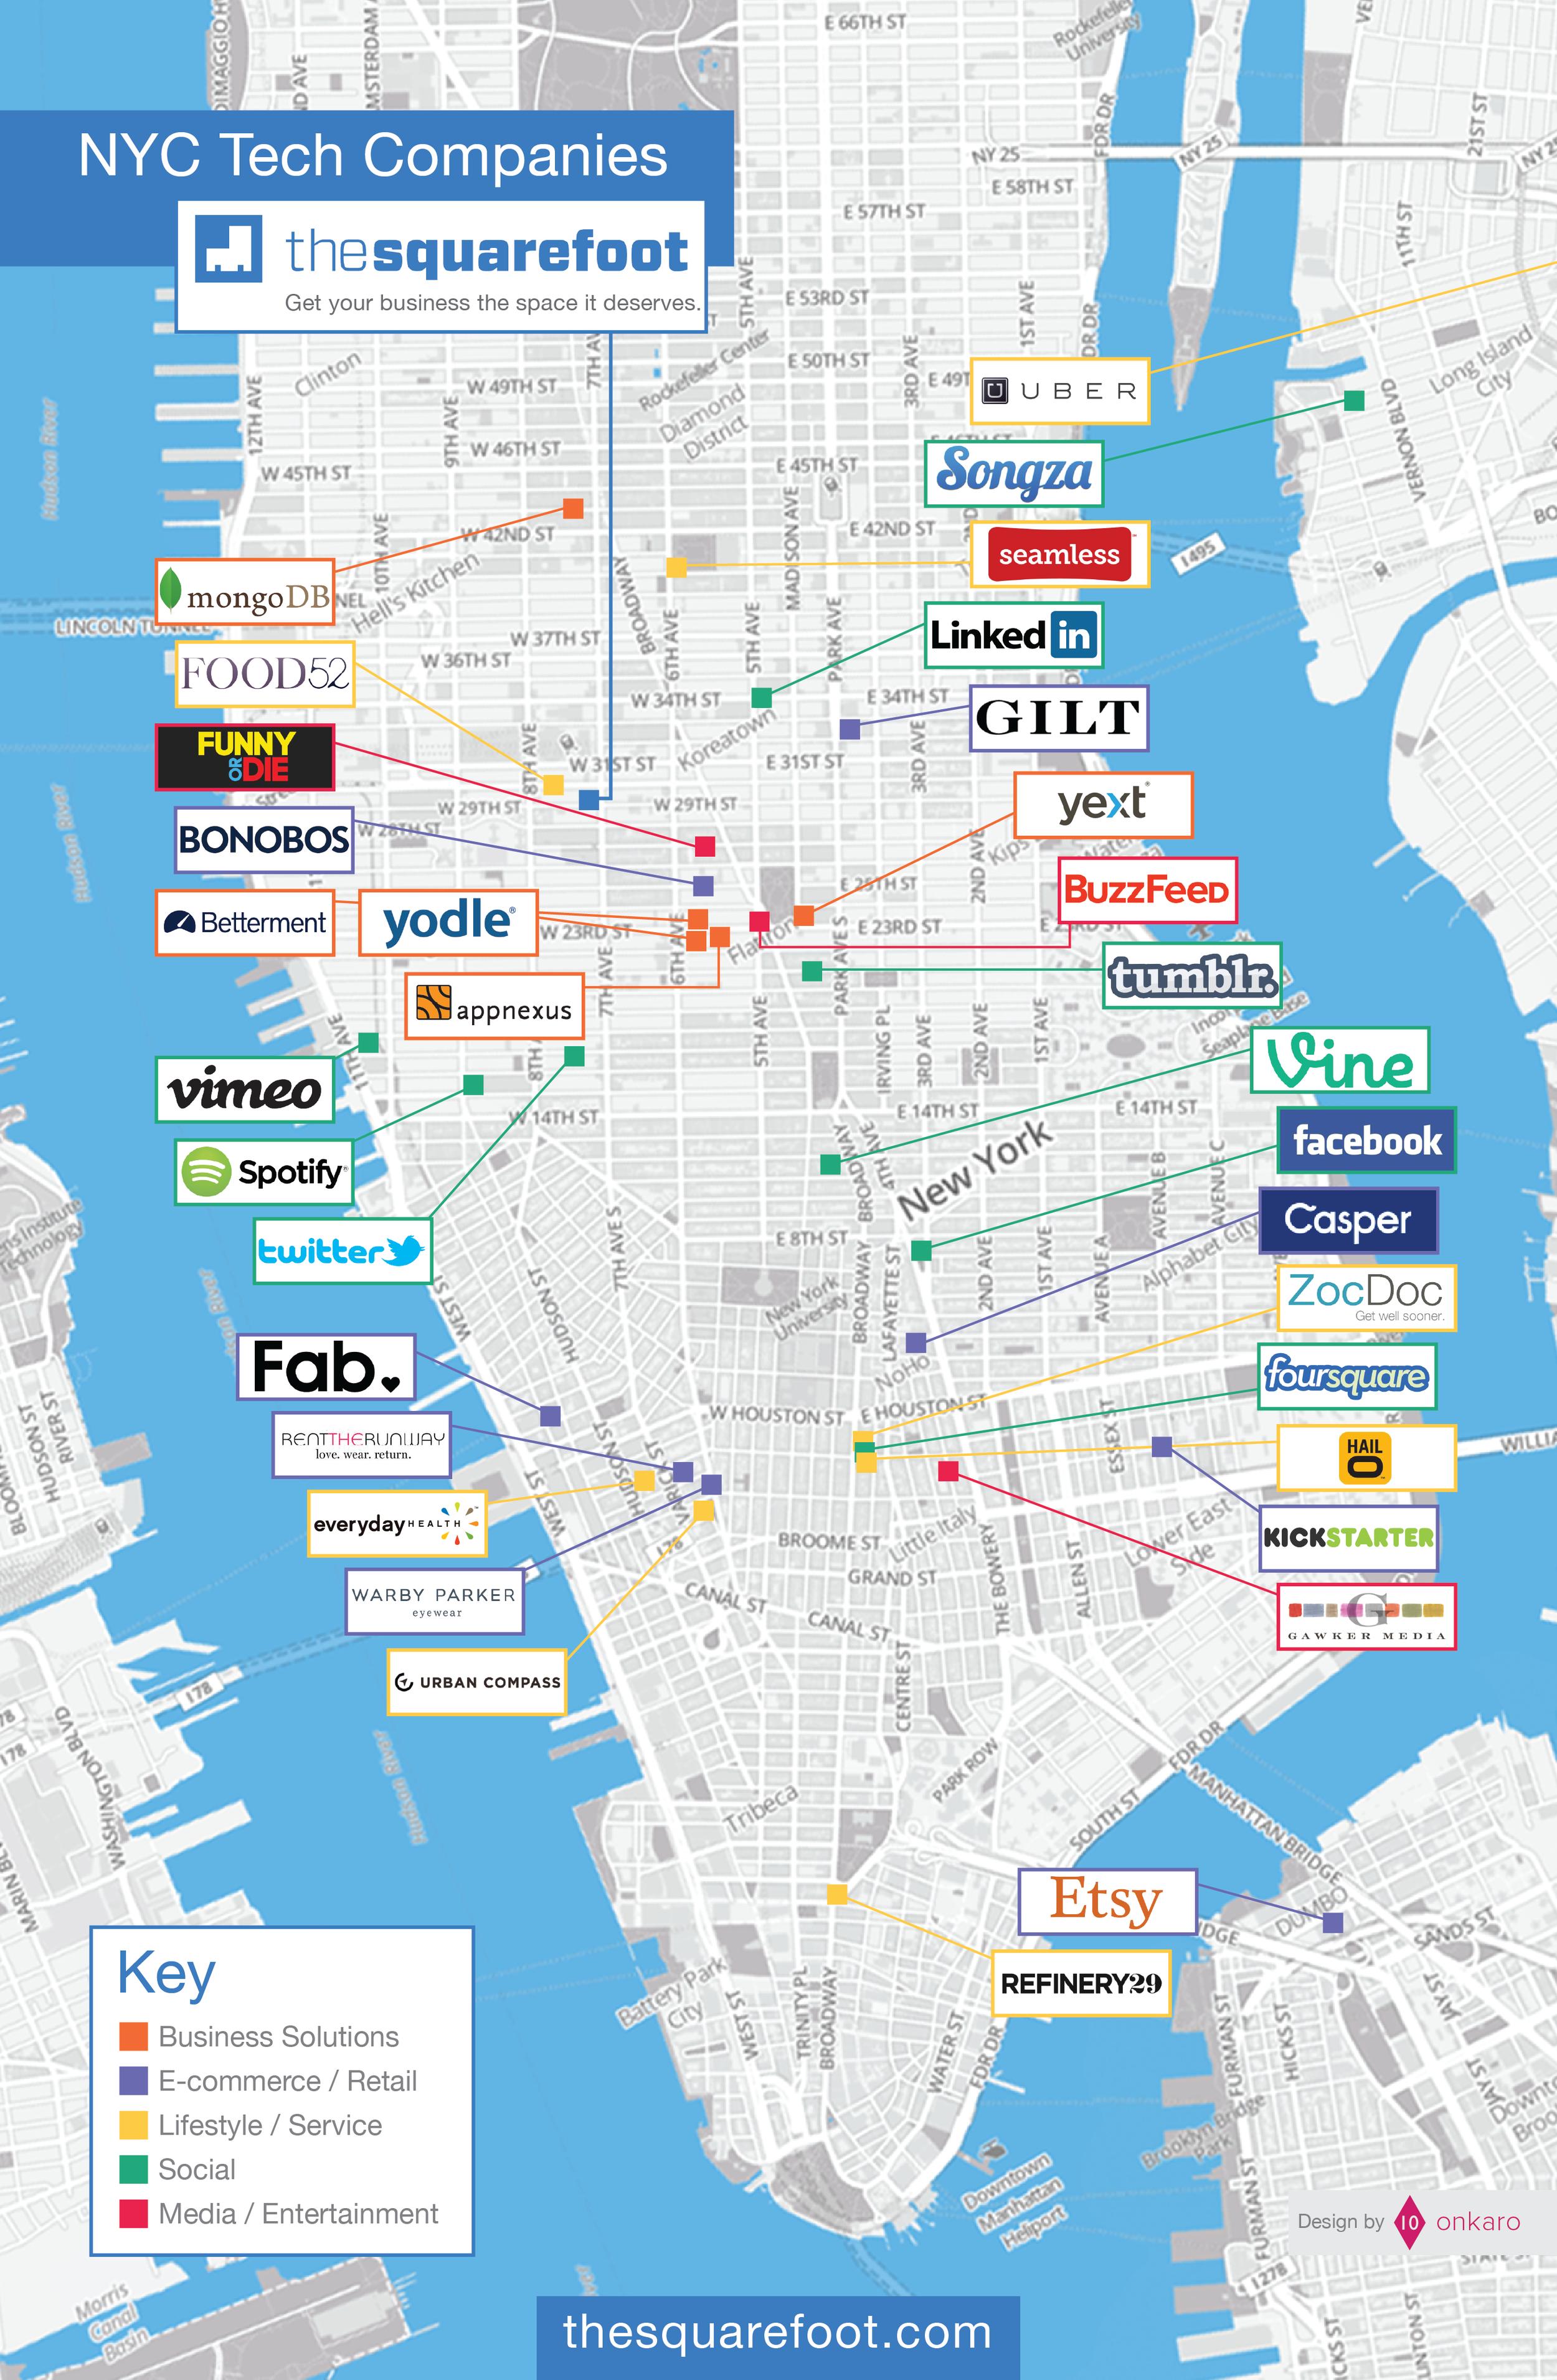 NYC Tech Companies